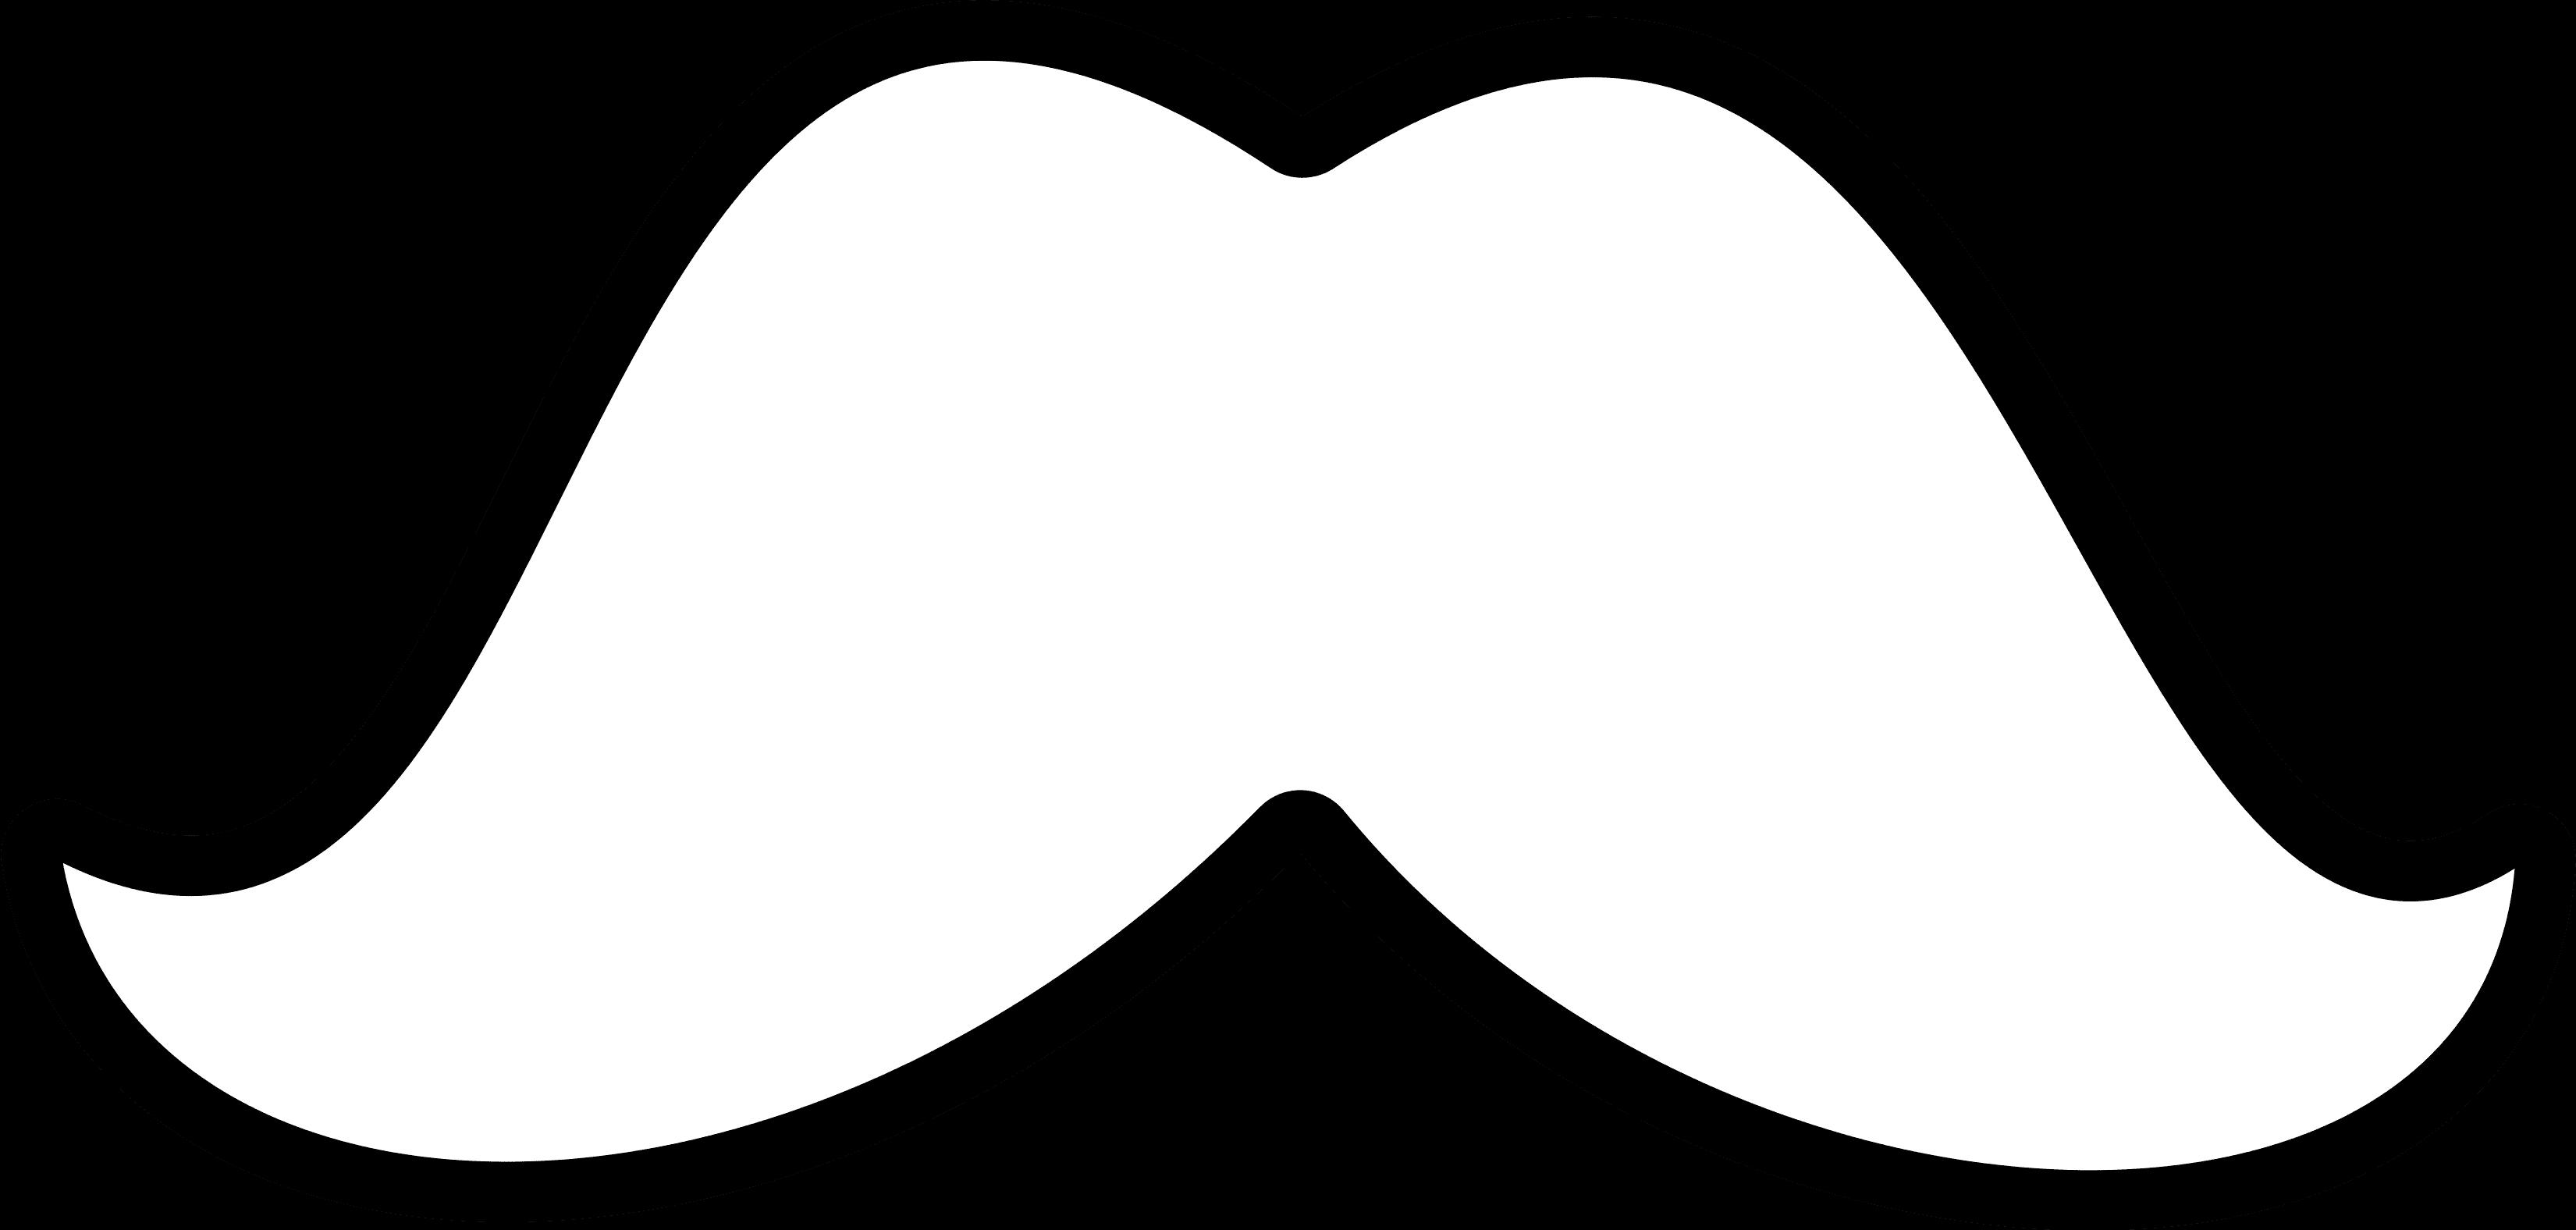 White Mustache Clip Art Free.